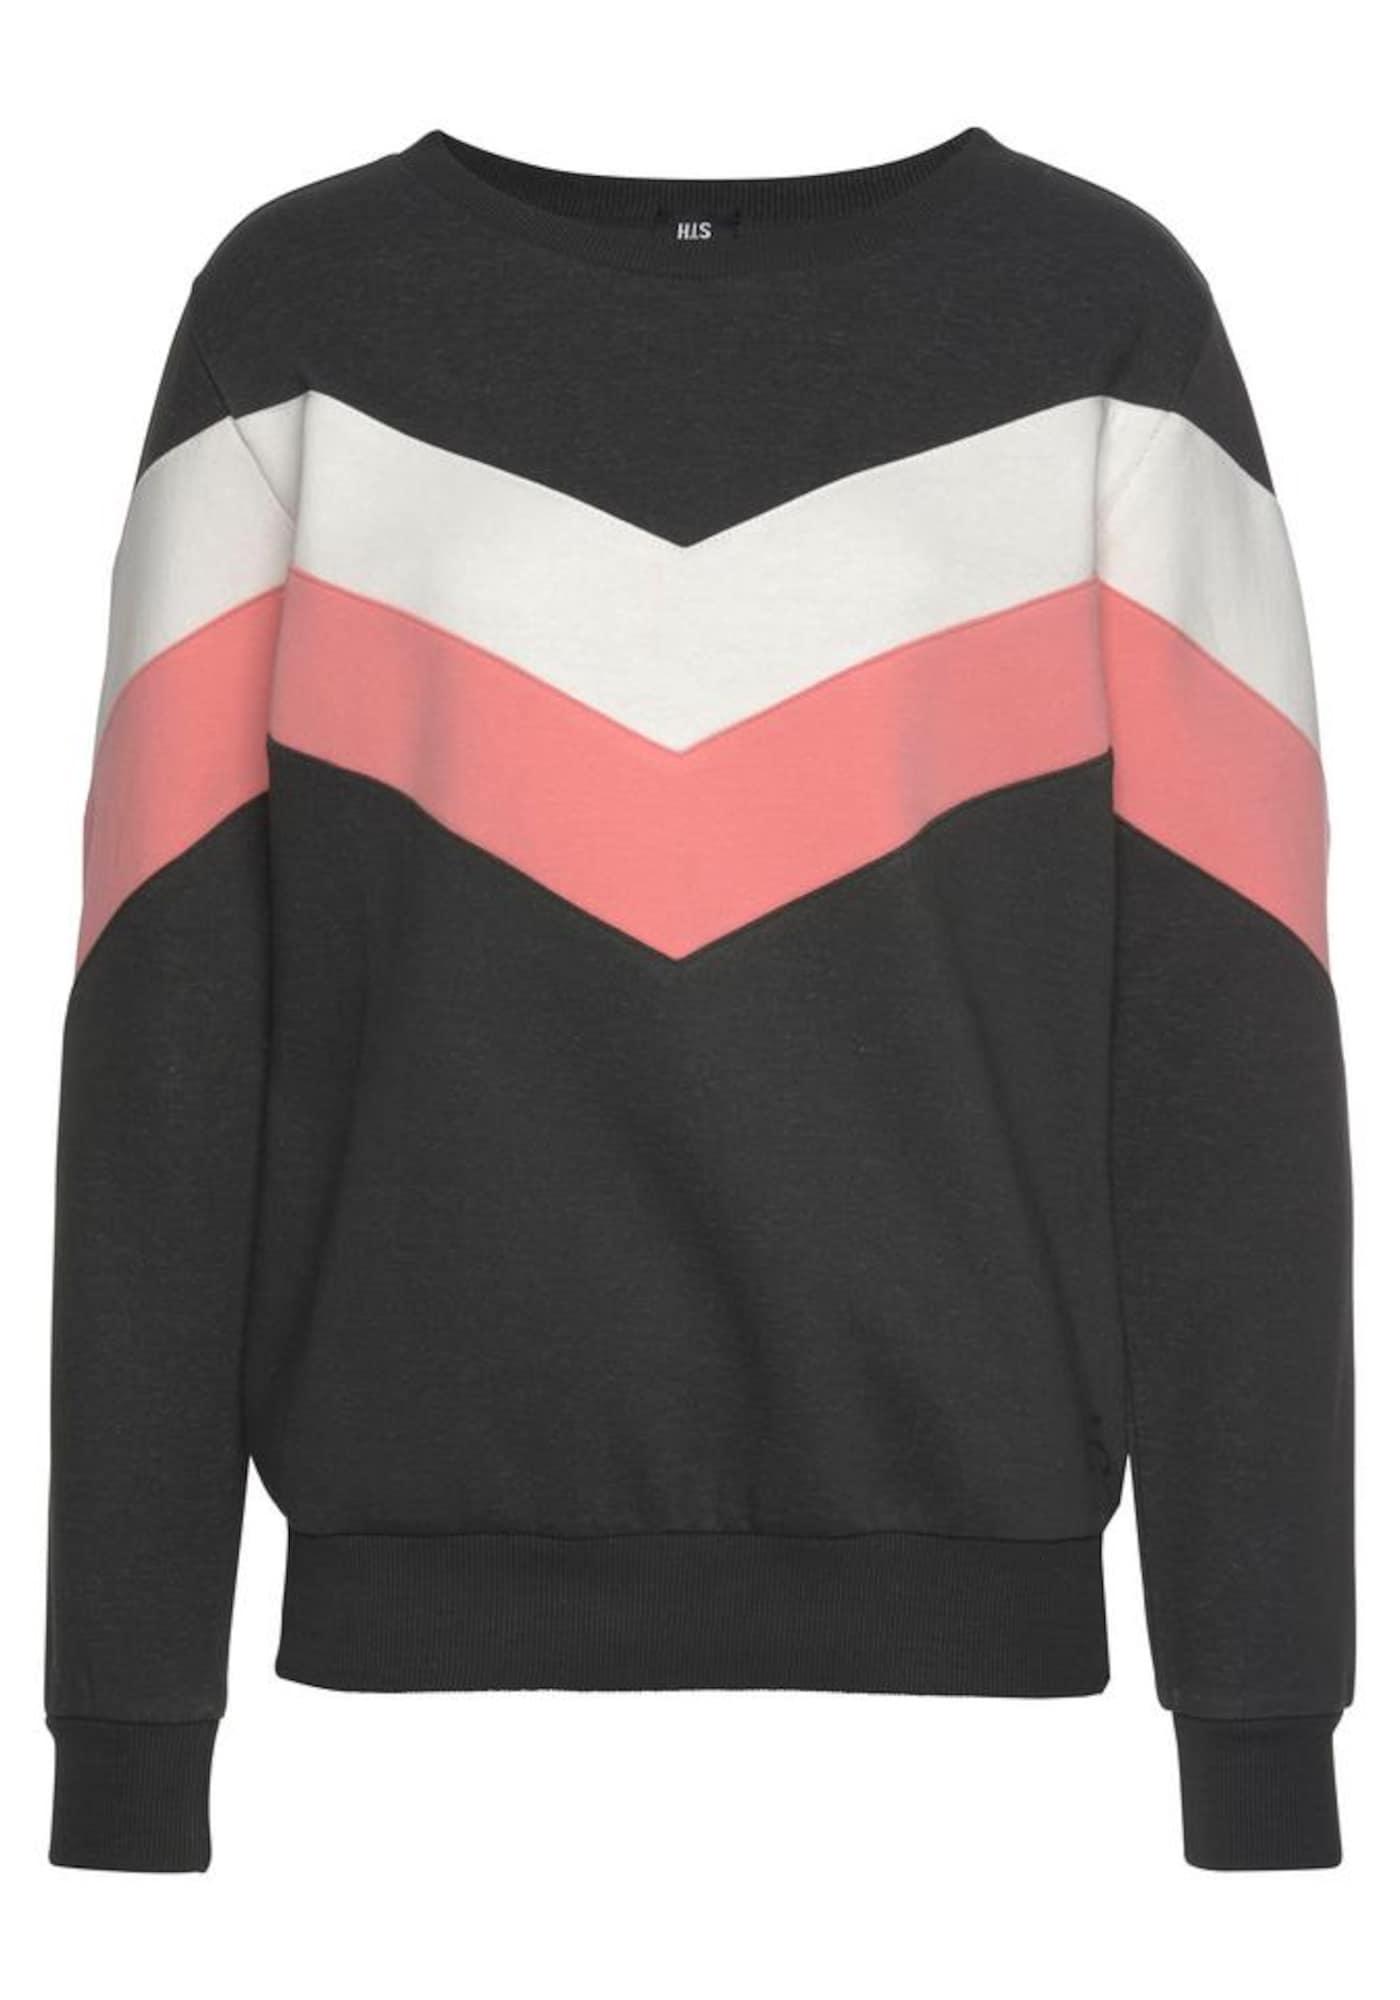 HIS JEANS Megztinis be užsegimo šviesiai rožinė / juoda / natūrali balta